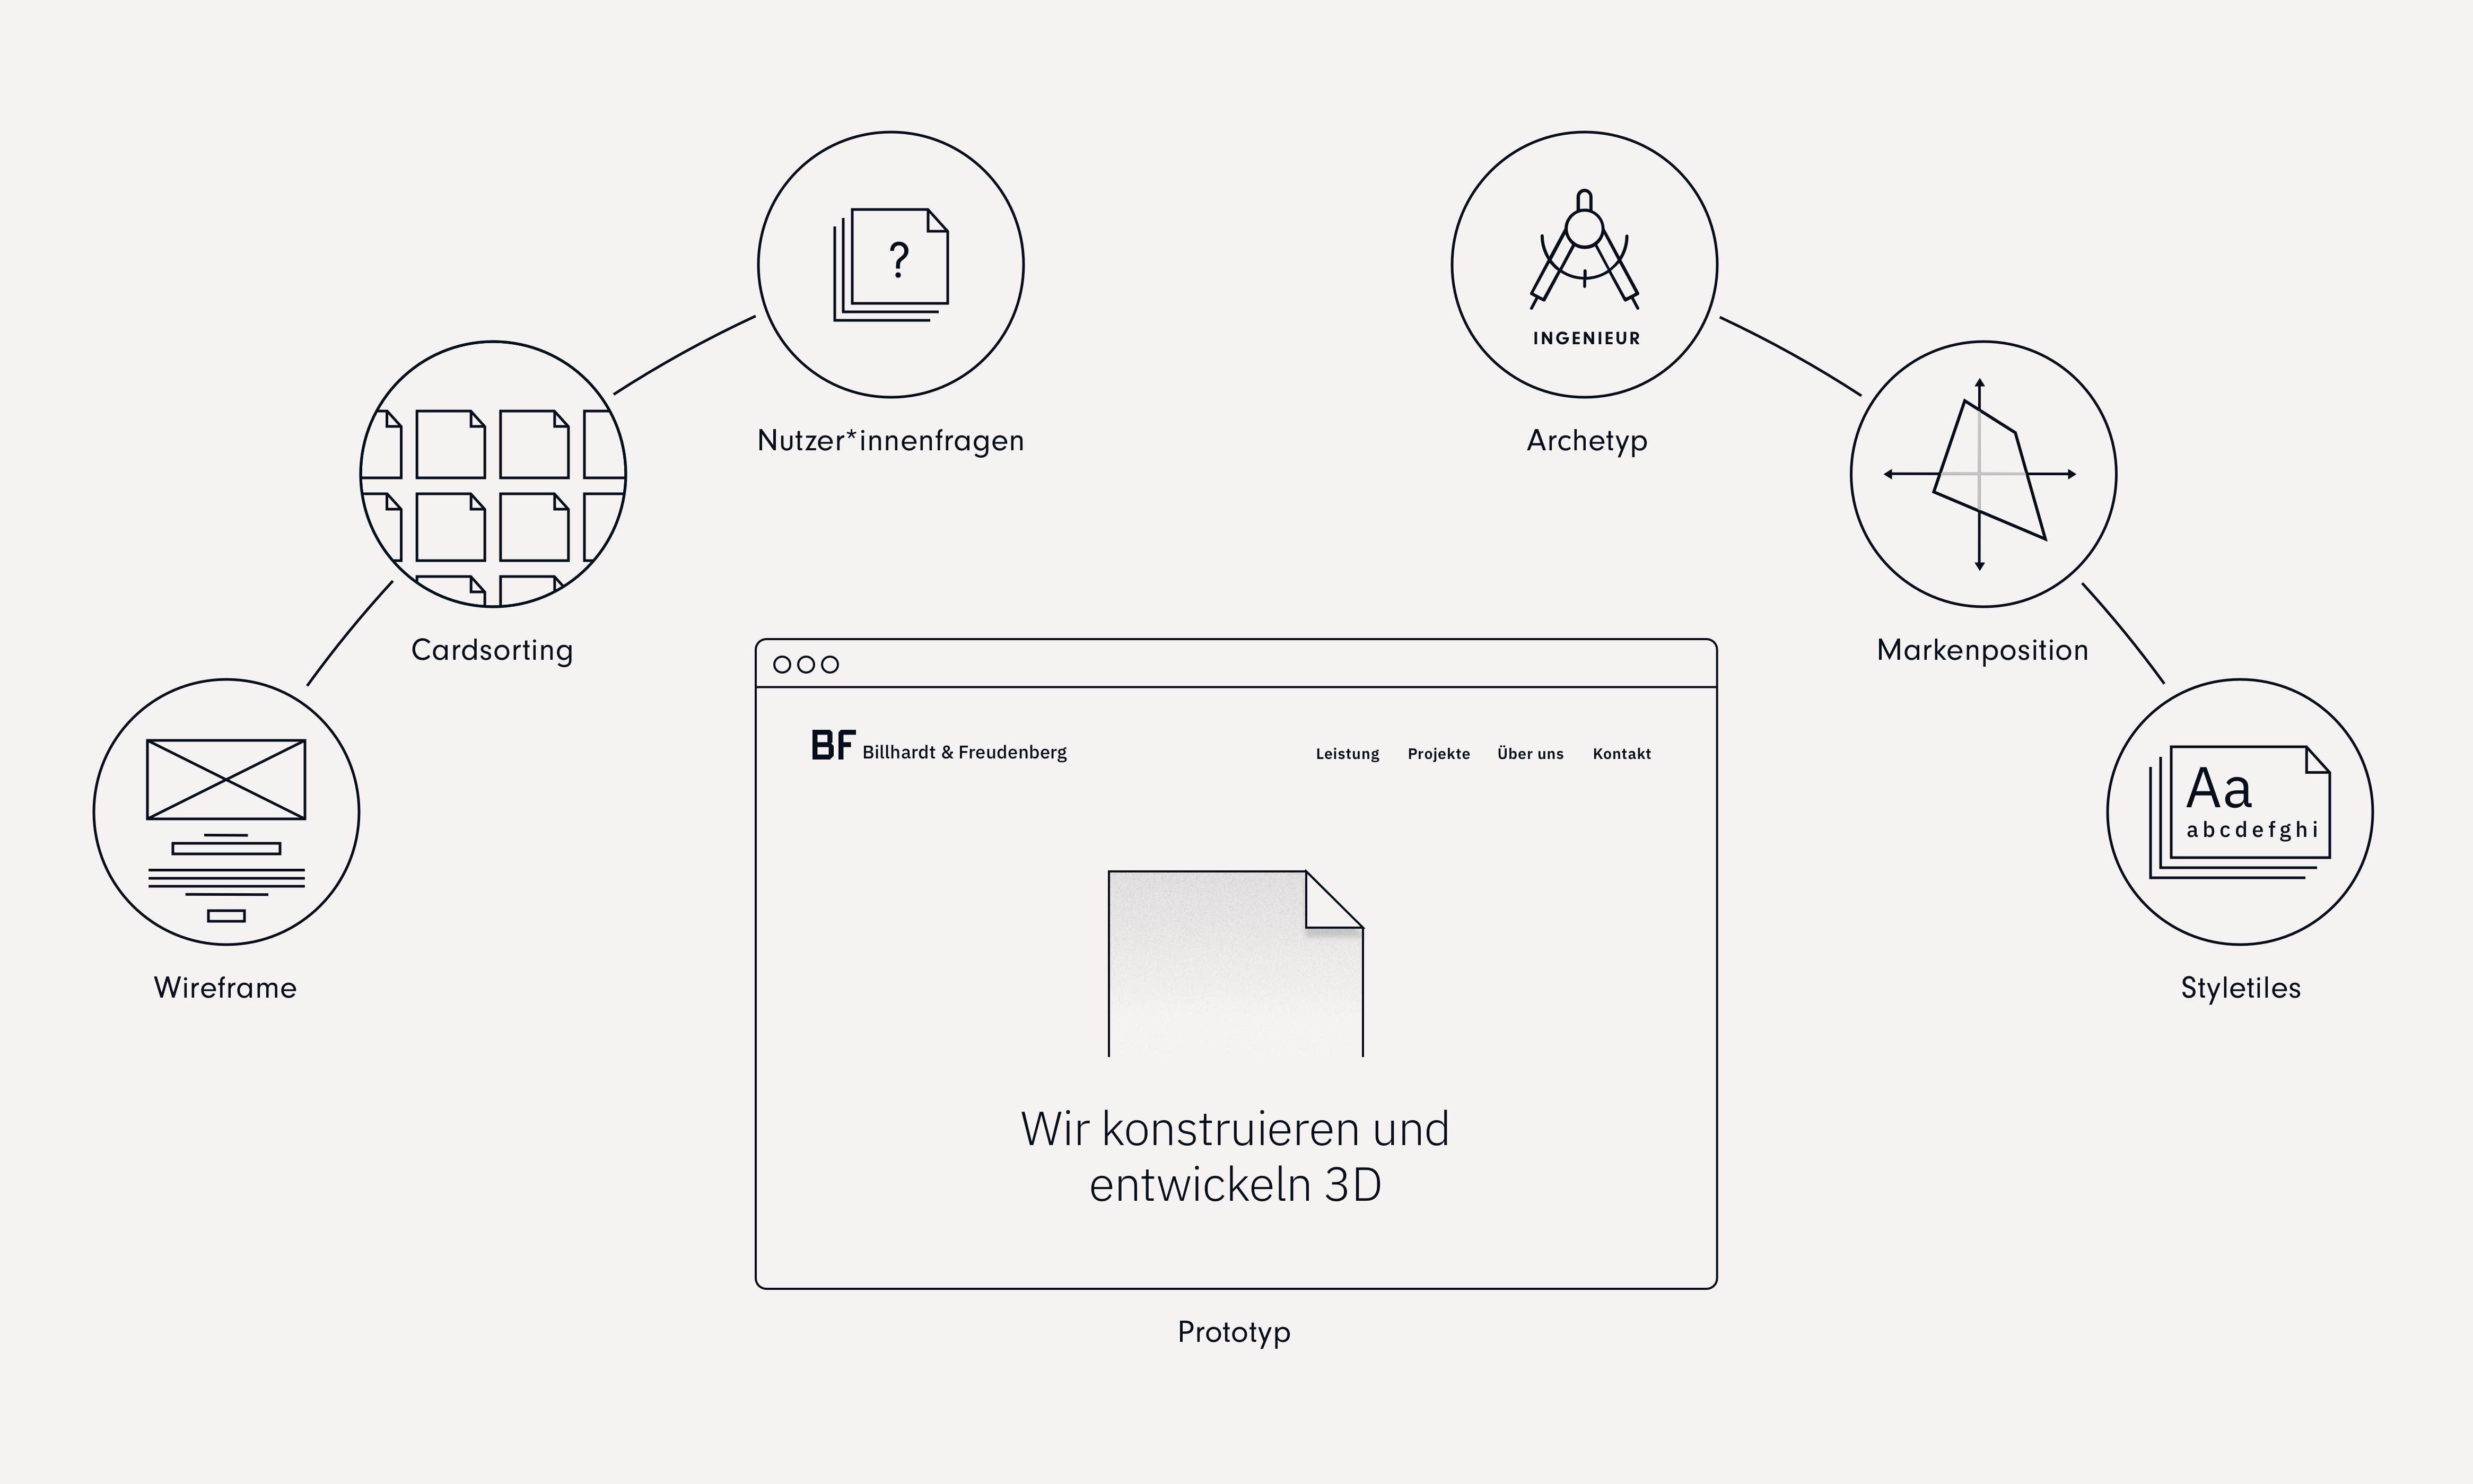 """Zentrum = Skizze der Startseite; Markenposition, Styletiles links 3 Blasen mit den Titel Wireframe, Cardsorting, Nutzerfragen; rechts 3 Blasen mit Archetyp """"Ingenieur"""", Markenposition, Styletiles"""